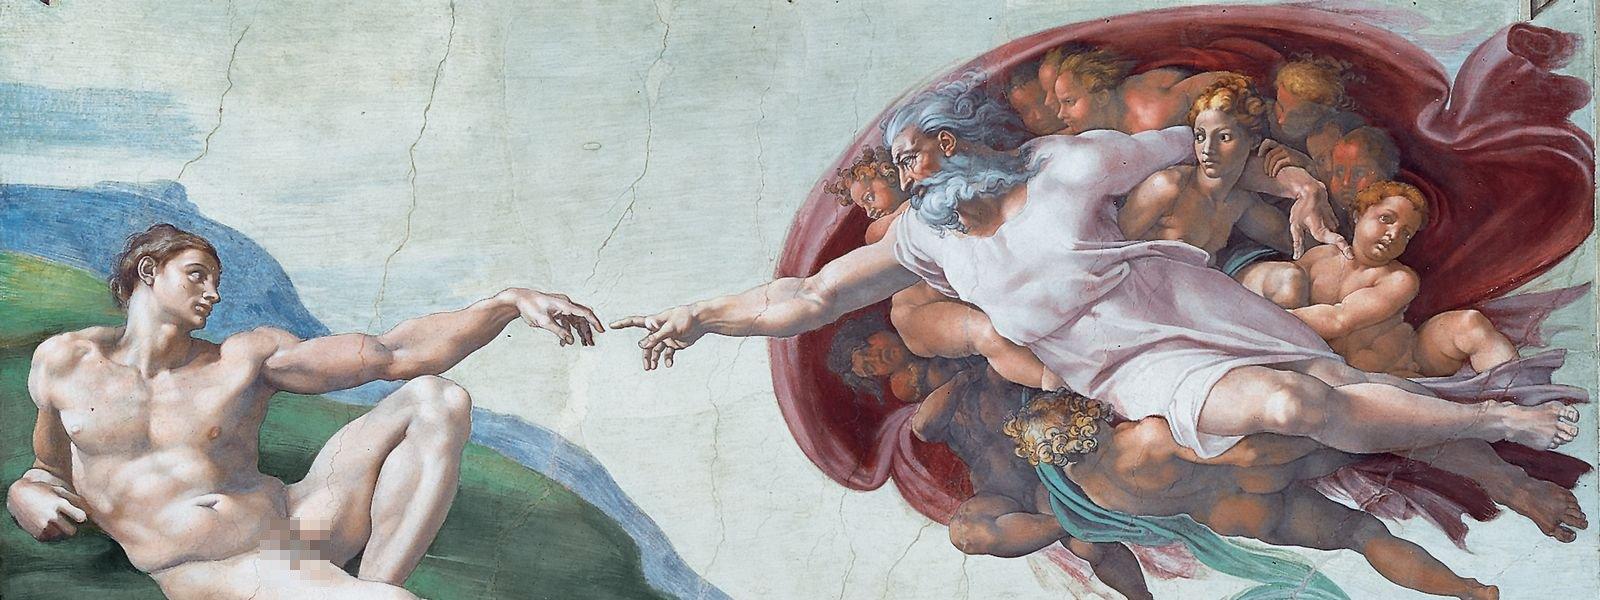 Religion's Biggest Plothole